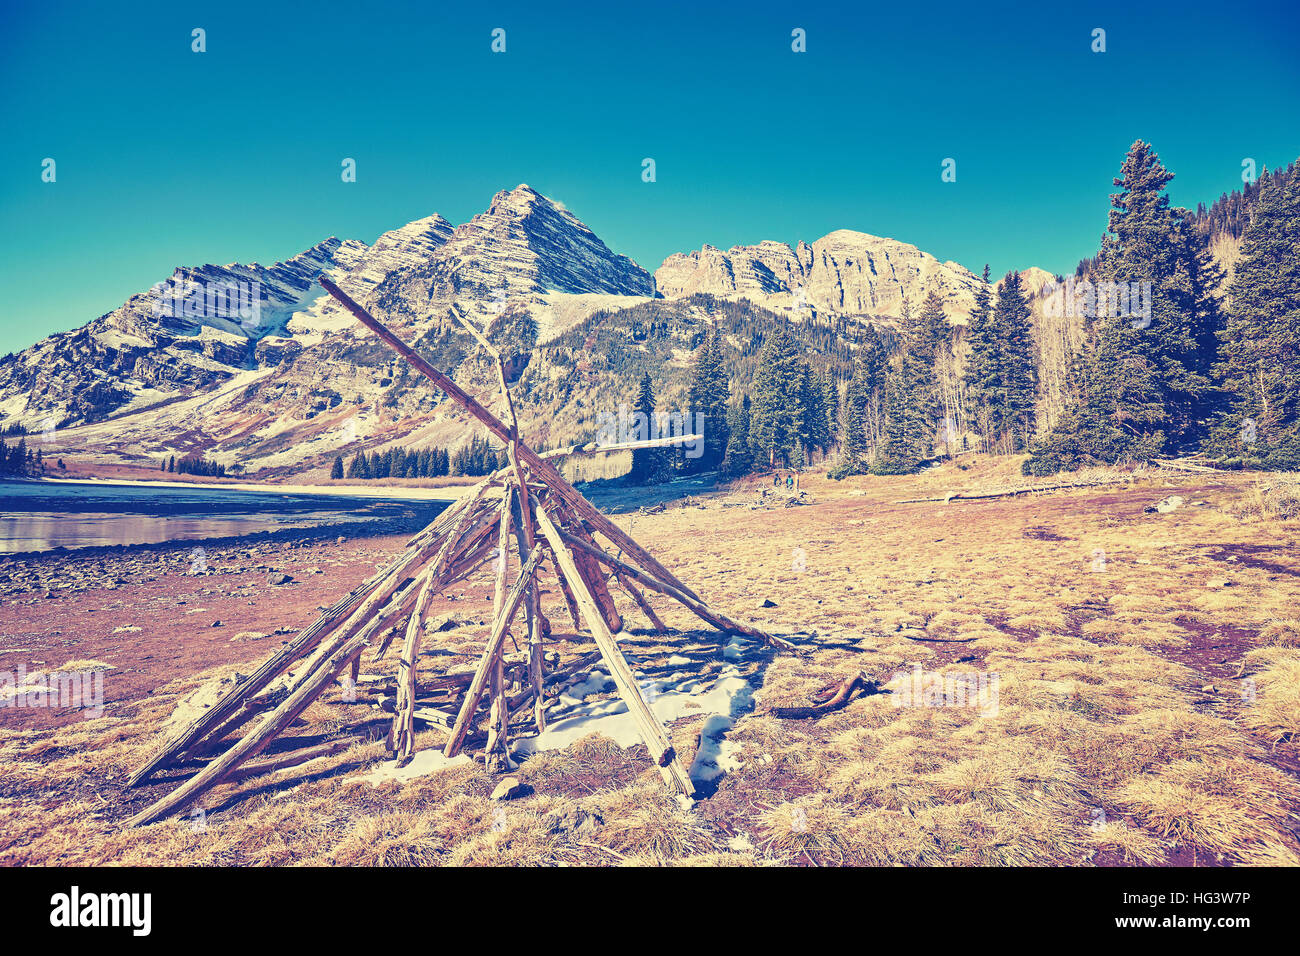 Camping de montaña en tonos Vintage con fogata en el Maroon Bells, Aspen en Colorado, Estados Unidos. Imagen De Stock